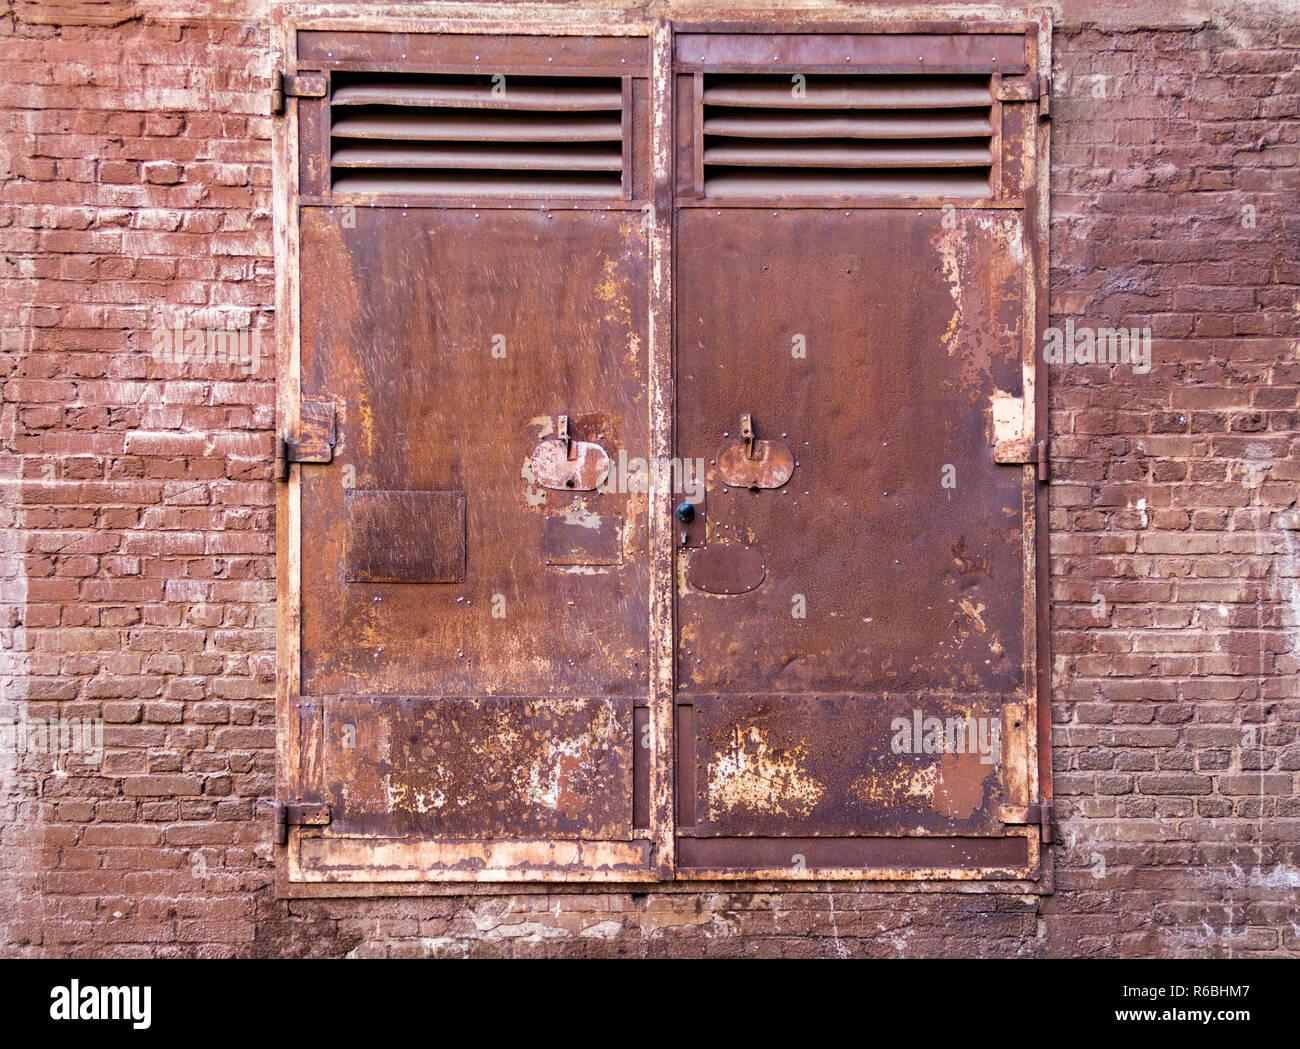 Verwitterte rusty industrielle Landschaft mit alten korrodierte metallic Türen und schmutzige Backsteinmauer Stockbild